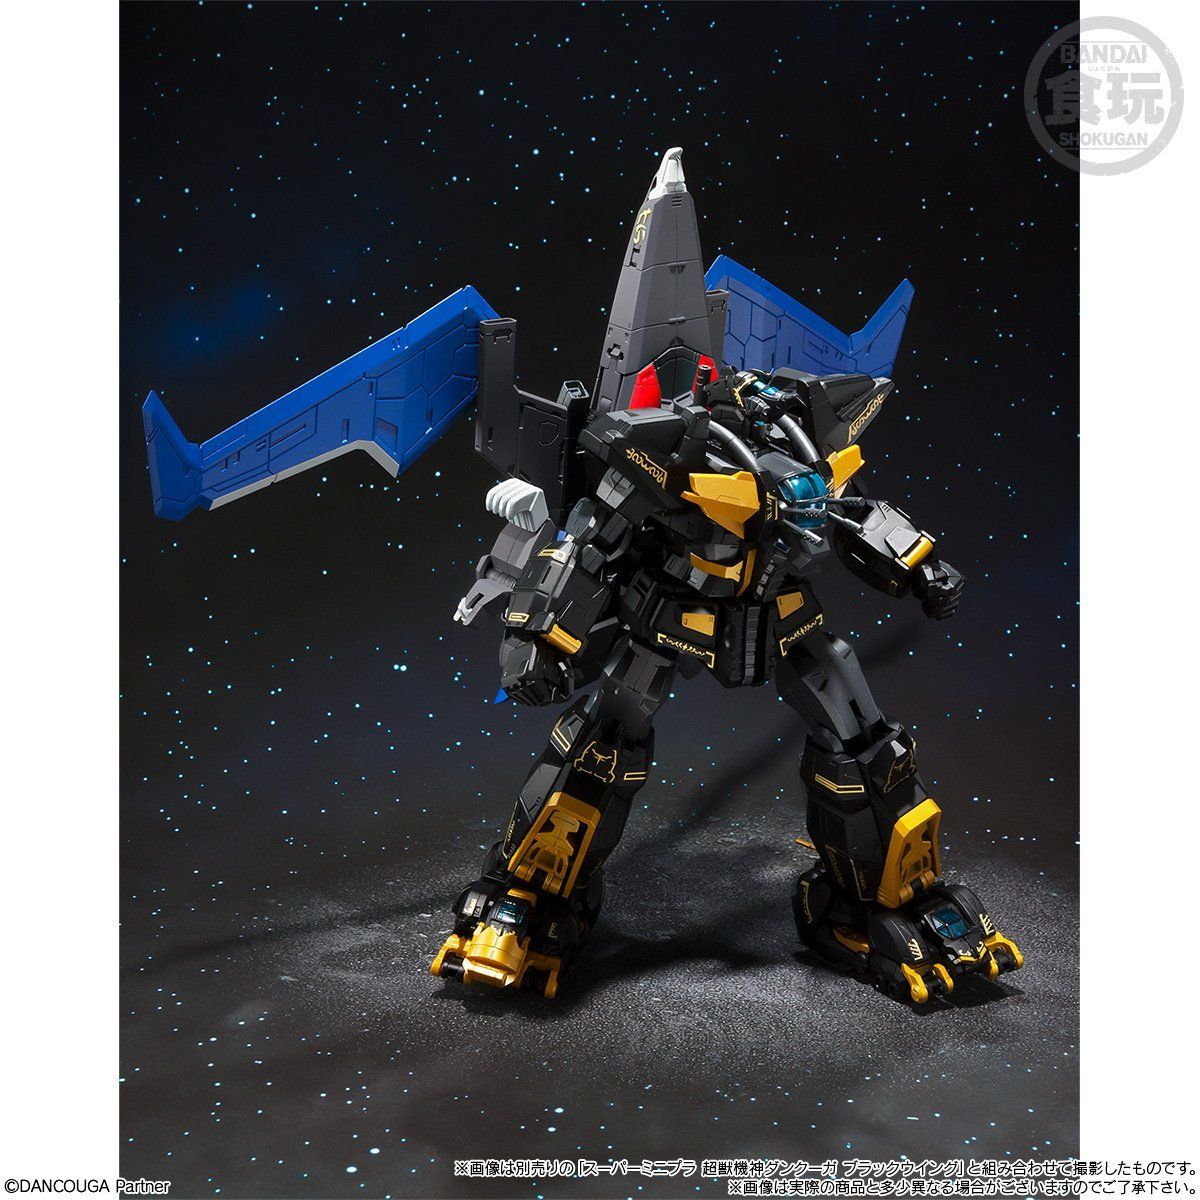 スーパーミニプラ 超獣機神ダンクーガ ブラックカラー10